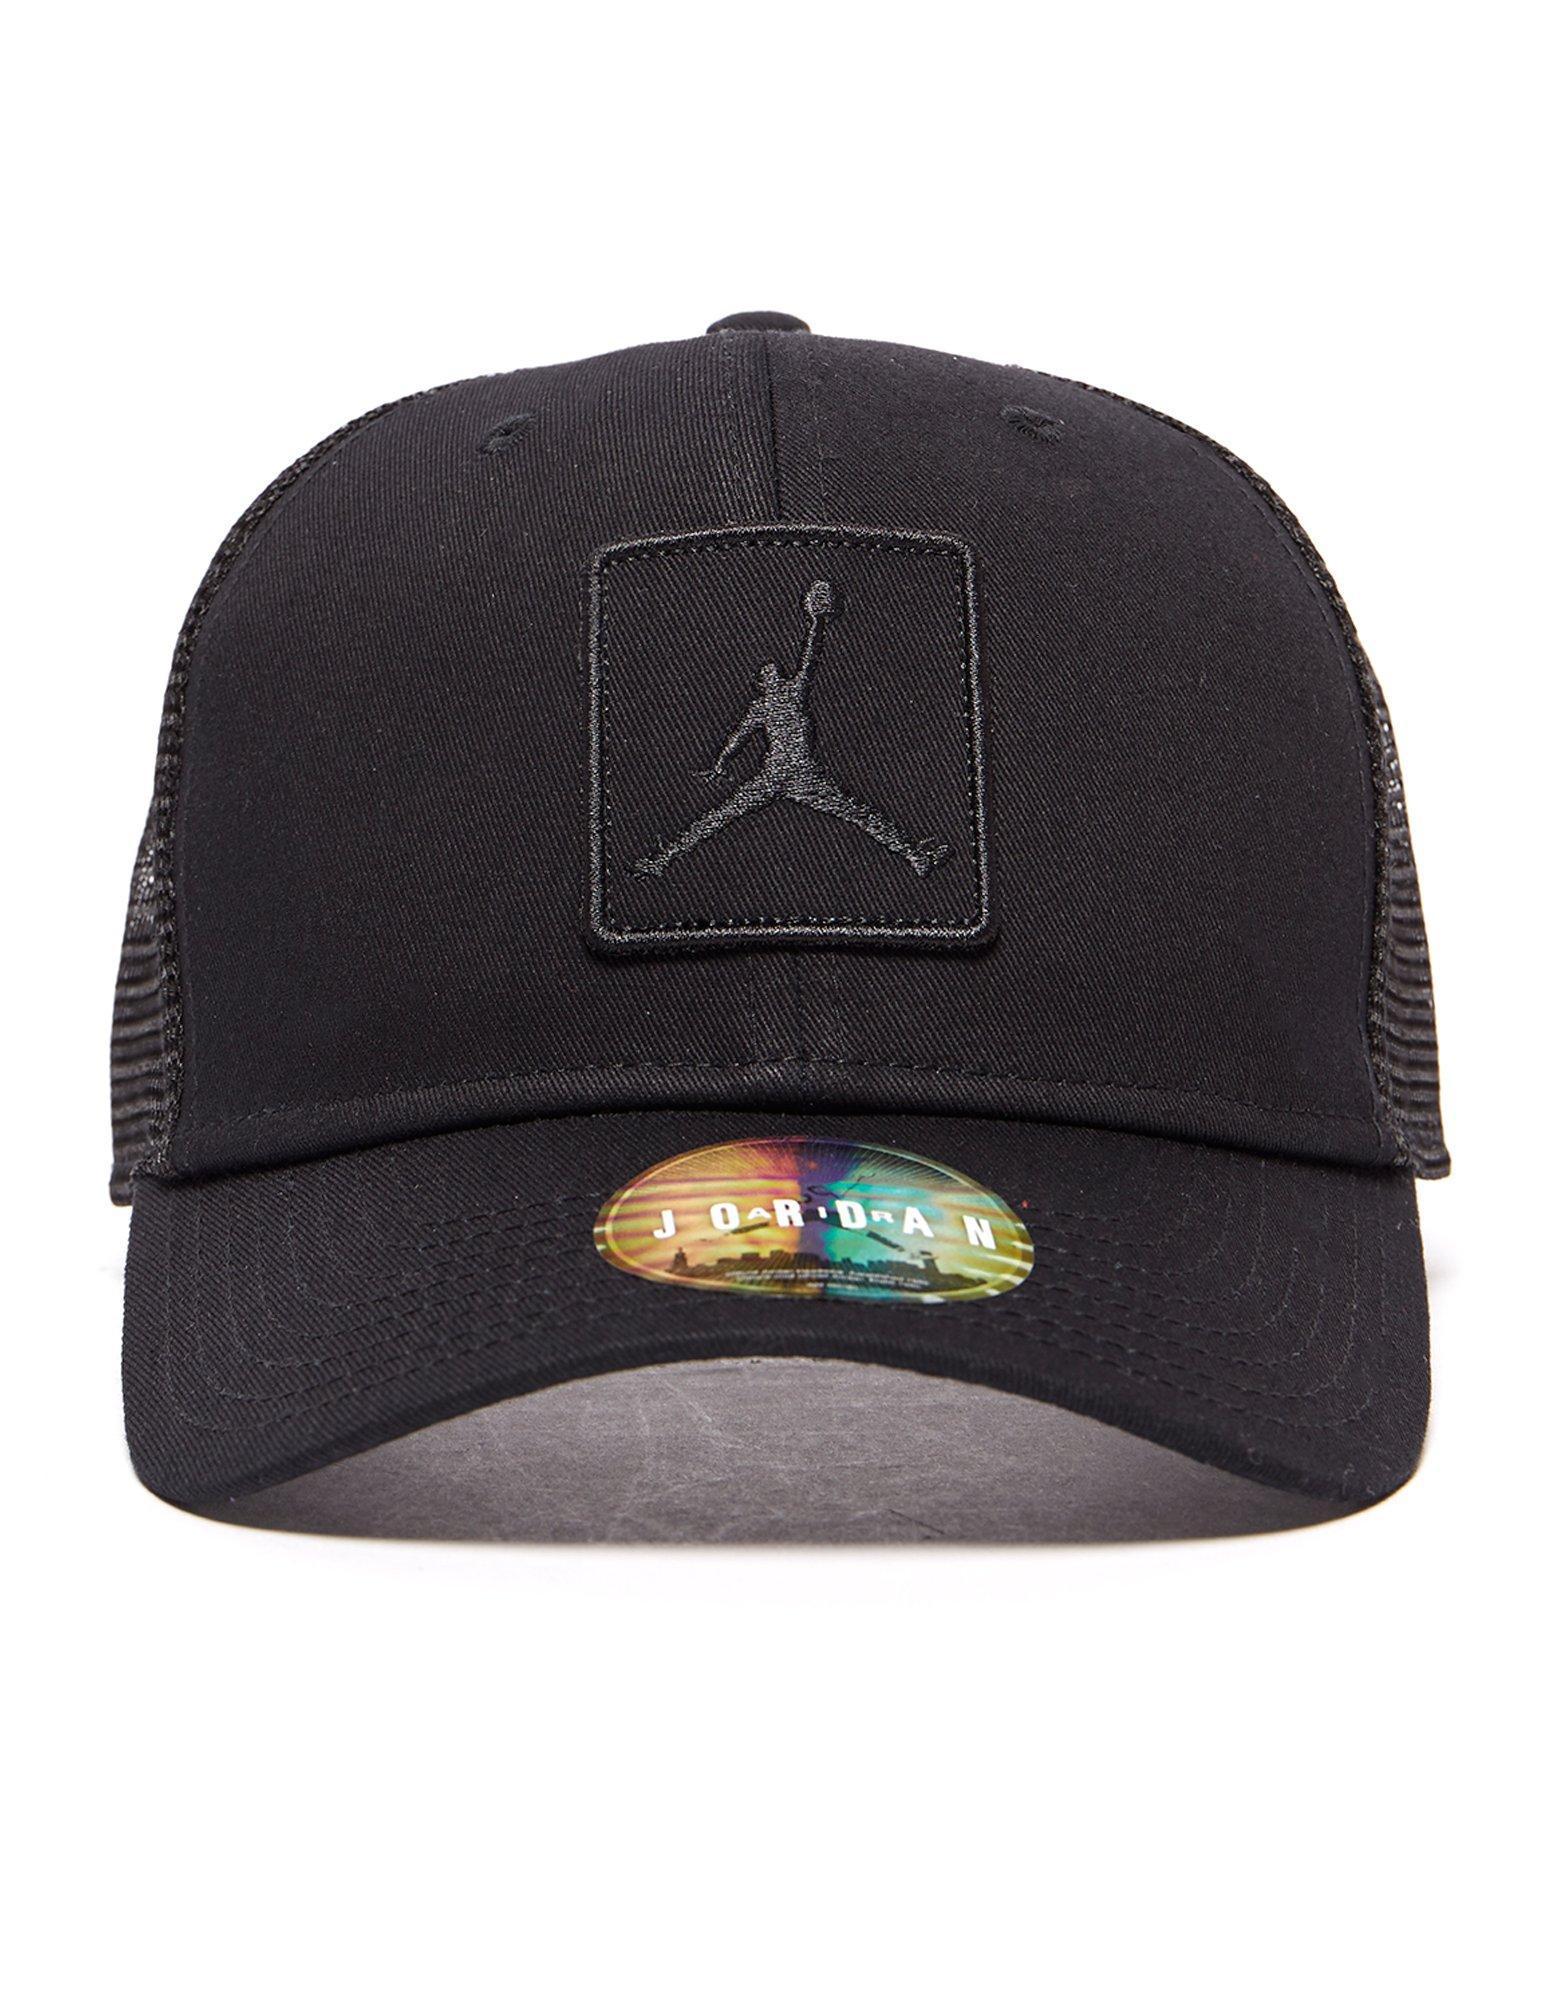 Nike Trucker Cap in Black for Men - Lyst 7d51e4b14ab4